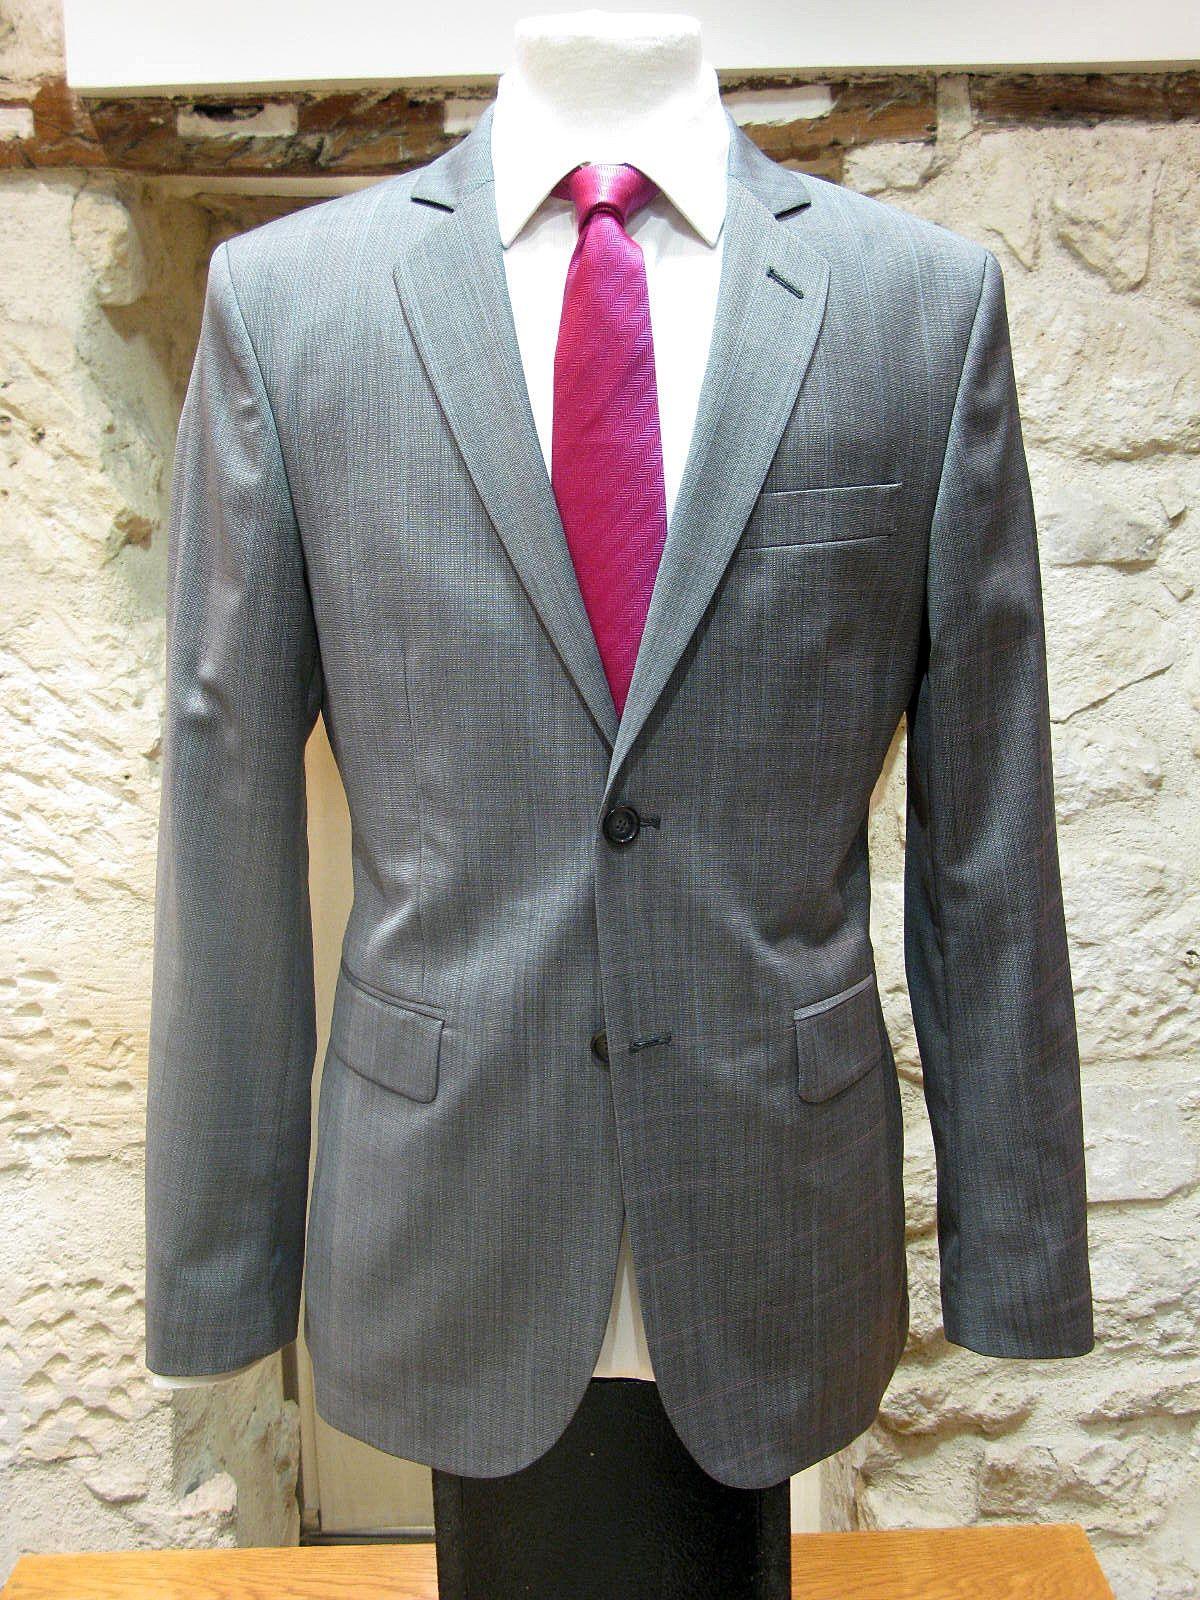 Costume homme alessandro gris clair a carreaux bleu et rose alessandro paris - Costume homme gris clair ...